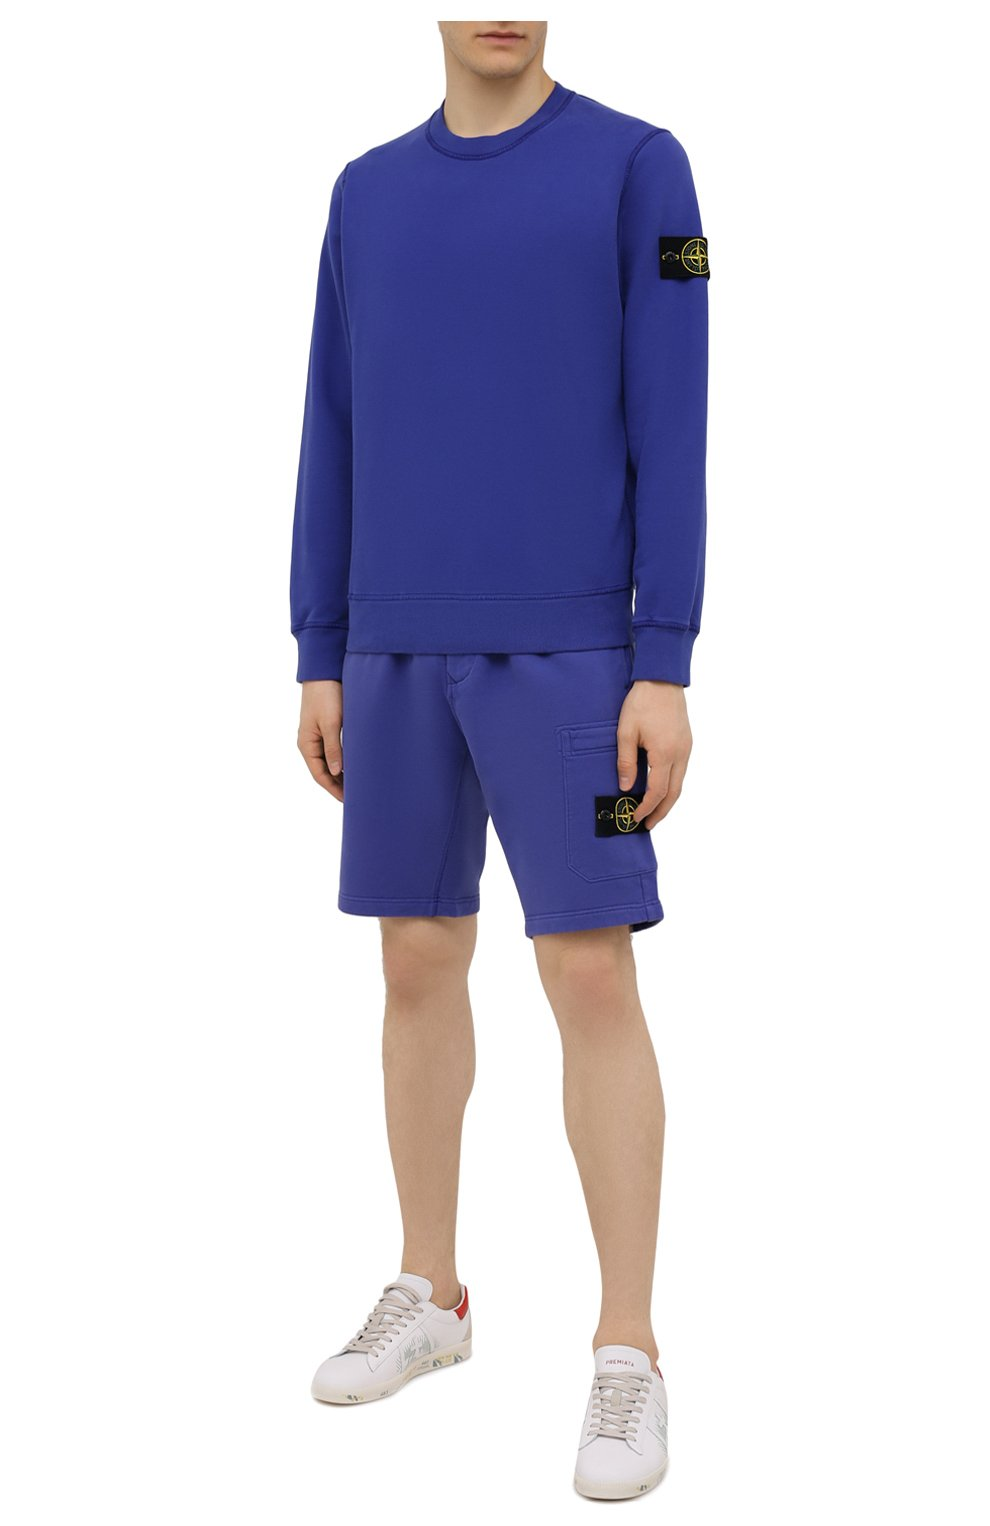 Мужские хлопковые шорты STONE ISLAND синего цвета, арт. 751564620   Фото 2 (Длина Шорты М: До колена; Принт: Без принта; Кросс-КТ: Трикотаж; Материал внешний: Хлопок; Стили: Спорт-шик)